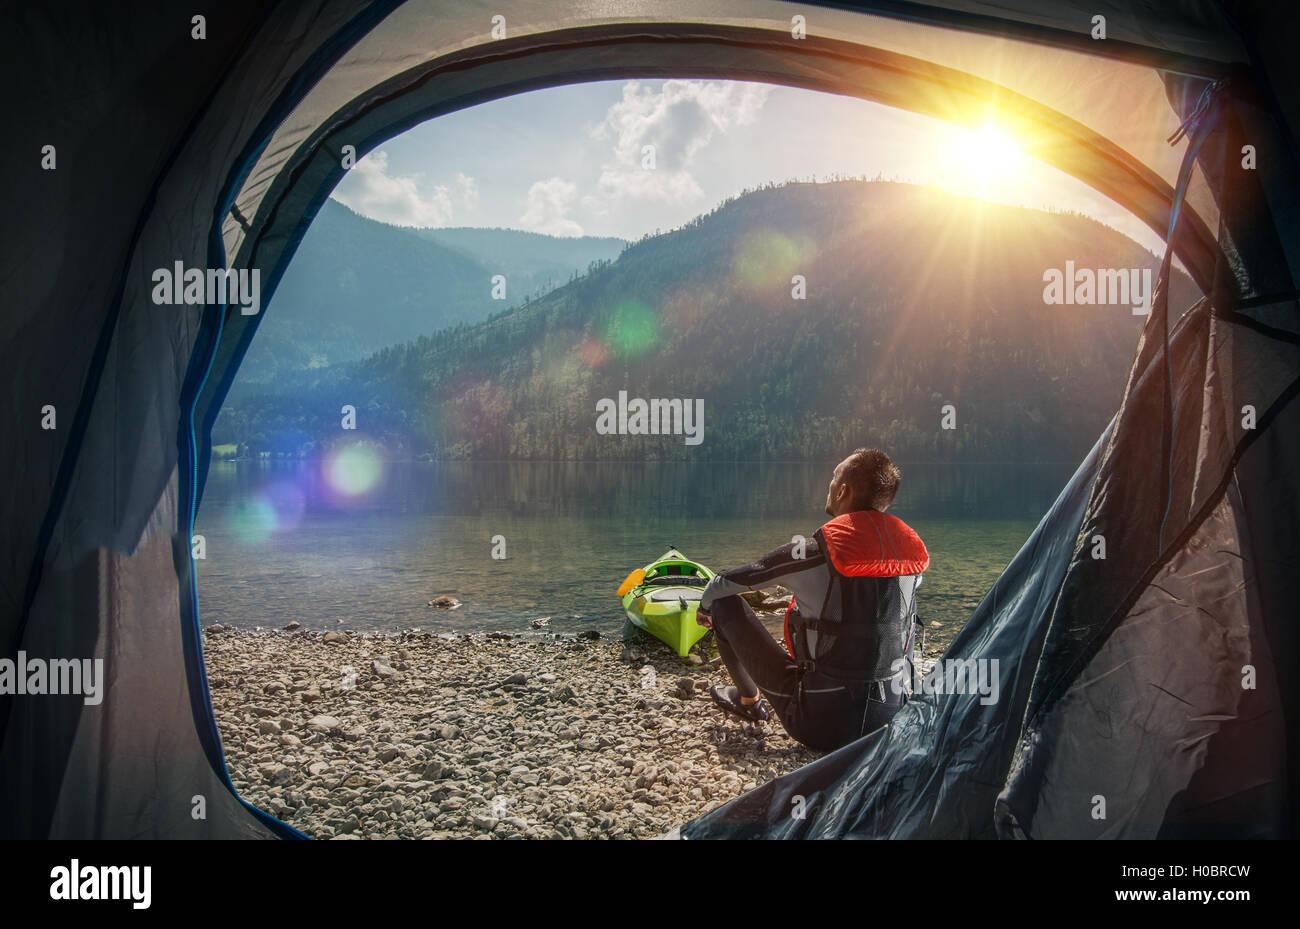 Attendamento e kayak sul lago. Sportivo caucasica Campeggio e kayak su Scenic Mountain Lake Shore. Immagini Stock